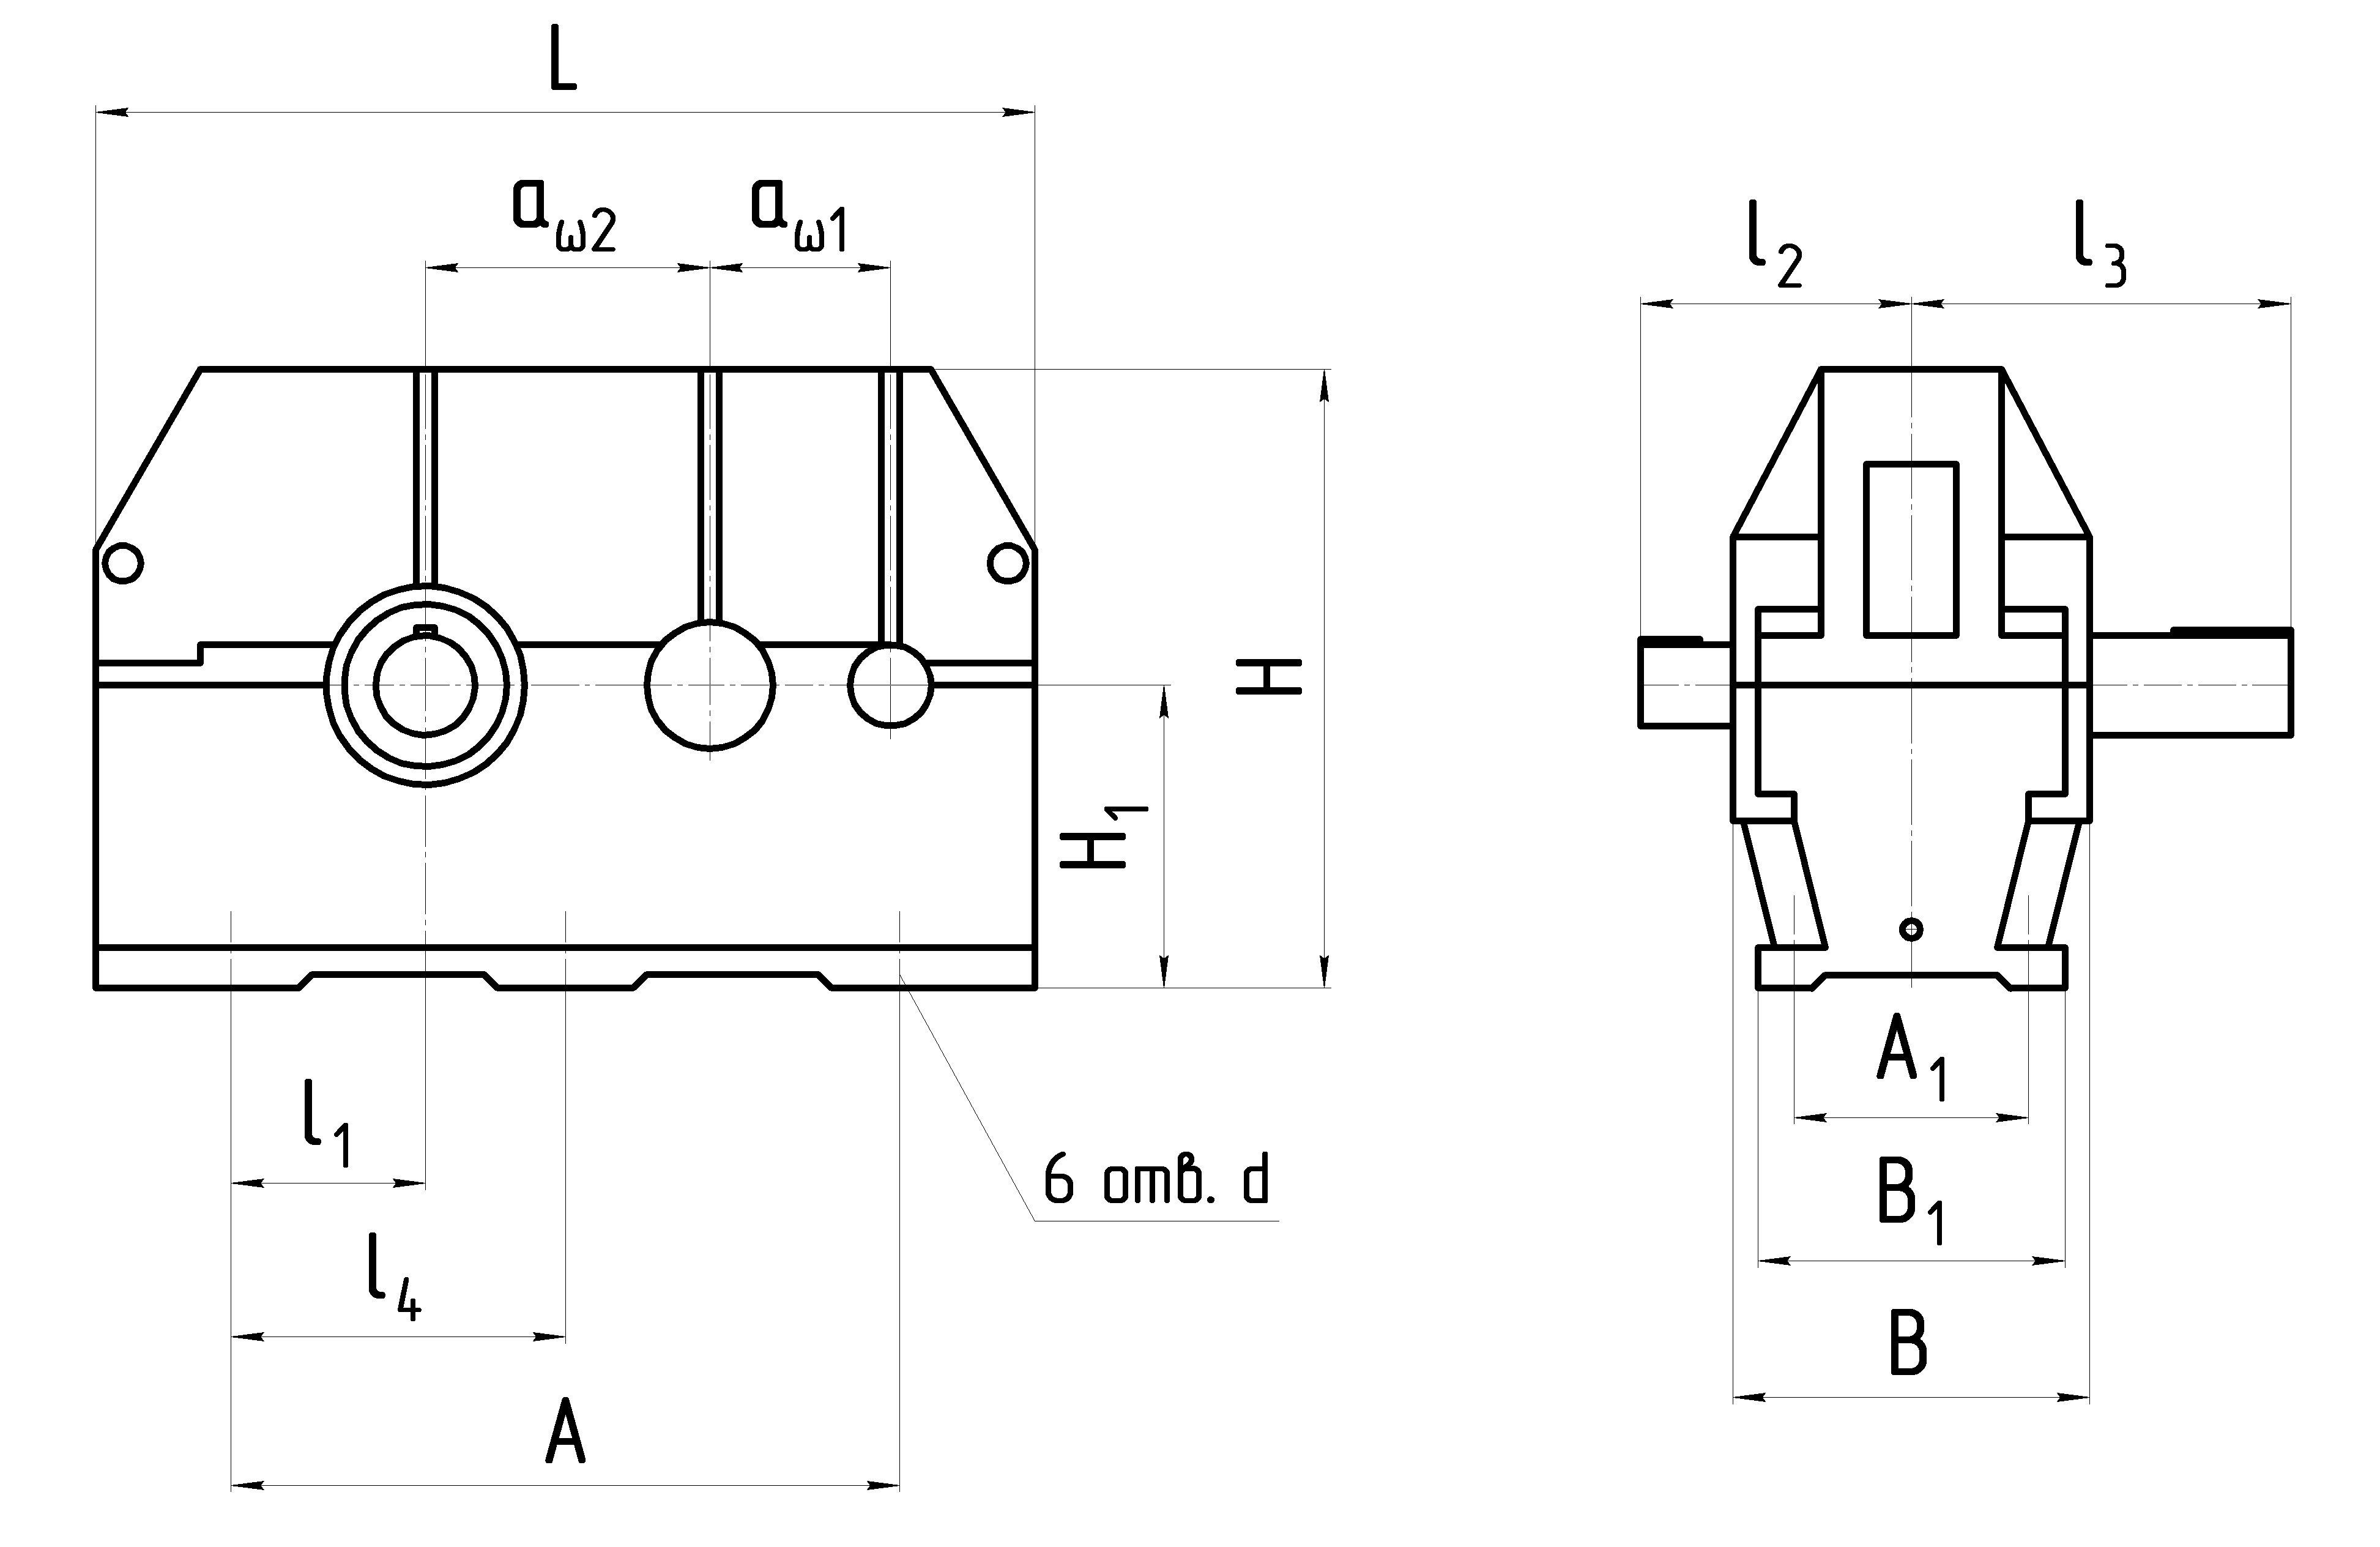 Габаритные размеры редуктора Ц2У Н